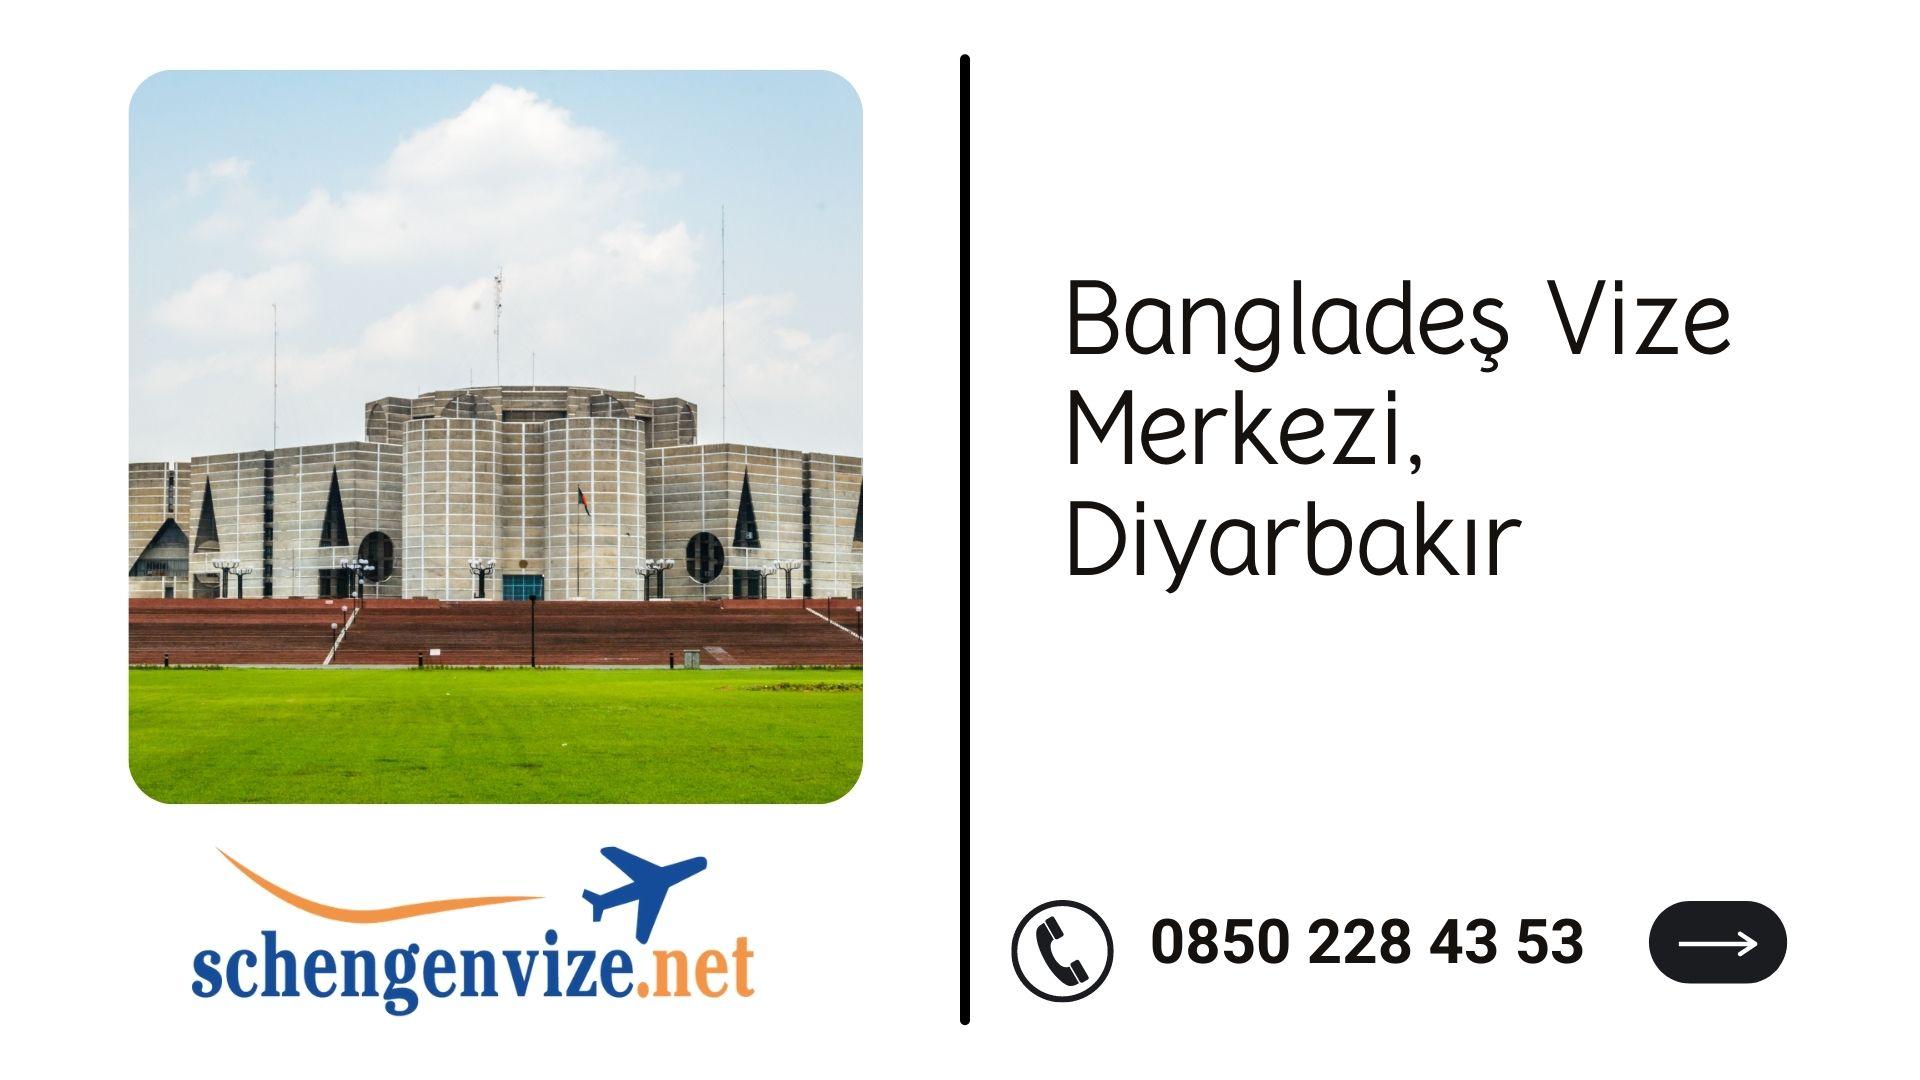 Bangladeş Vize Merkezi, Diyarbakır